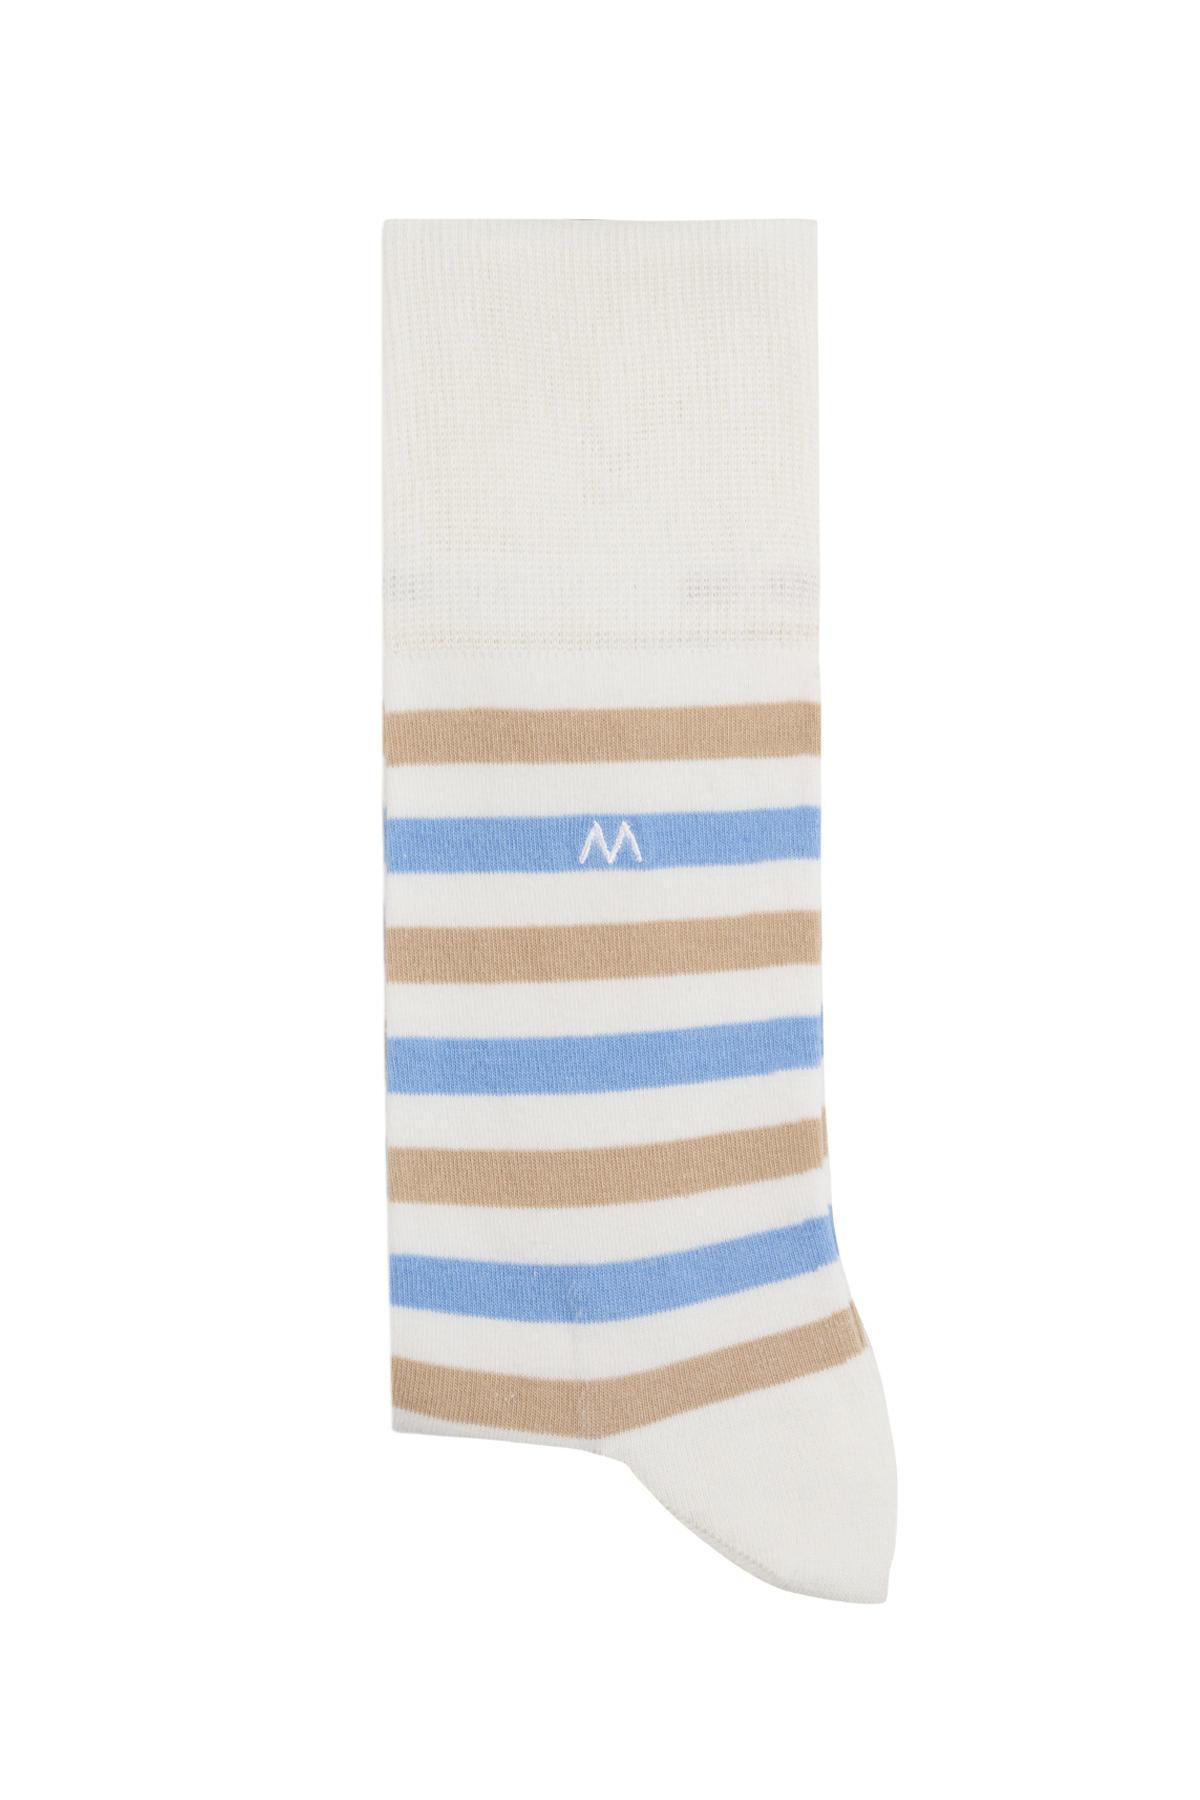 Çizgili Beyaz Yazlık Pamuk Çorap